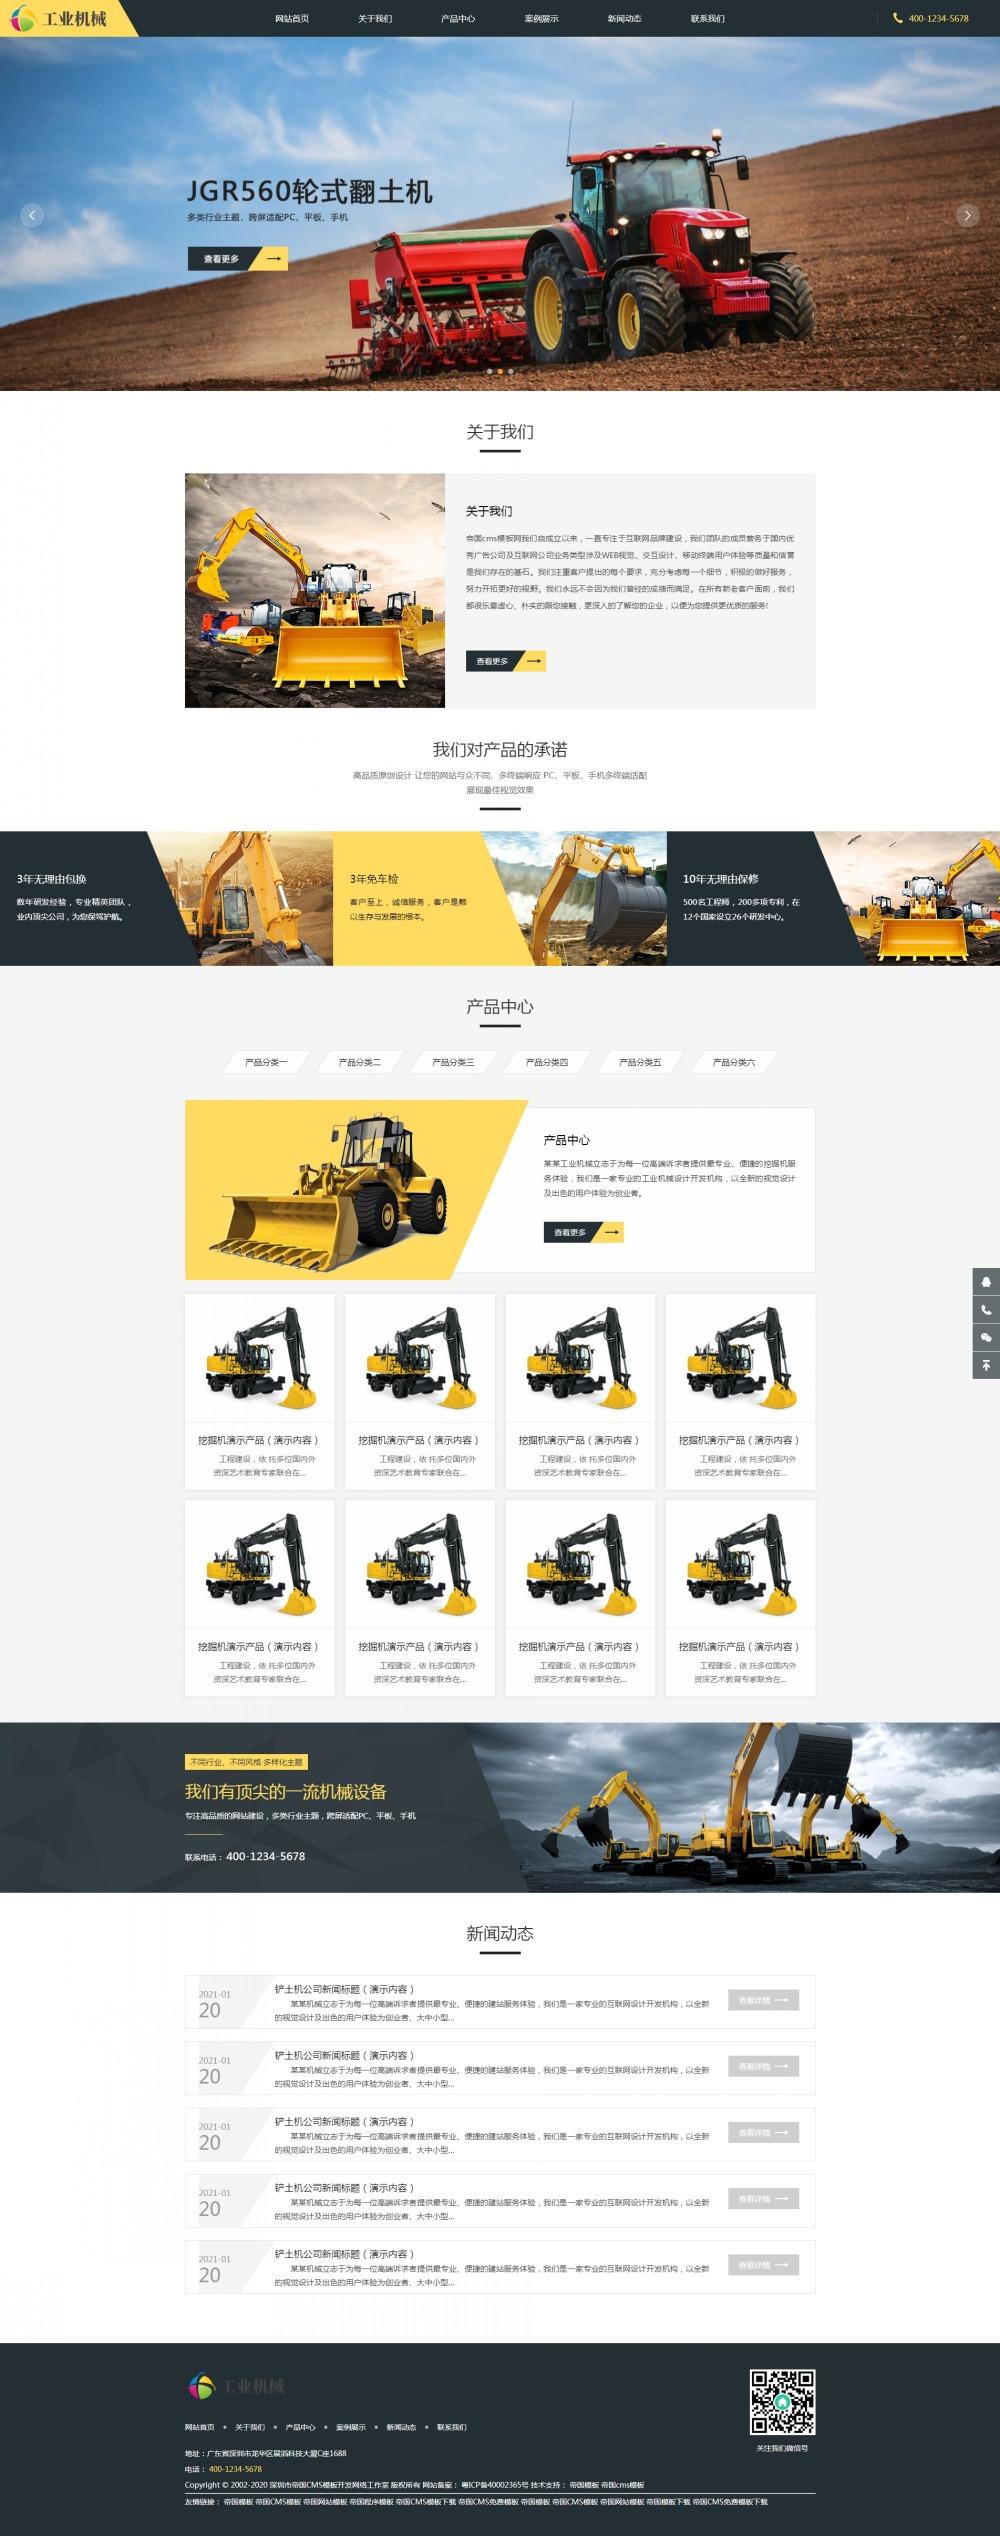 1首页.jpg [DG-0177]帝国cms响应式推土机挖掘机机械类网站模板,HTML自适应大型工矿机械设备帝国网站源码 企业模板 第1张